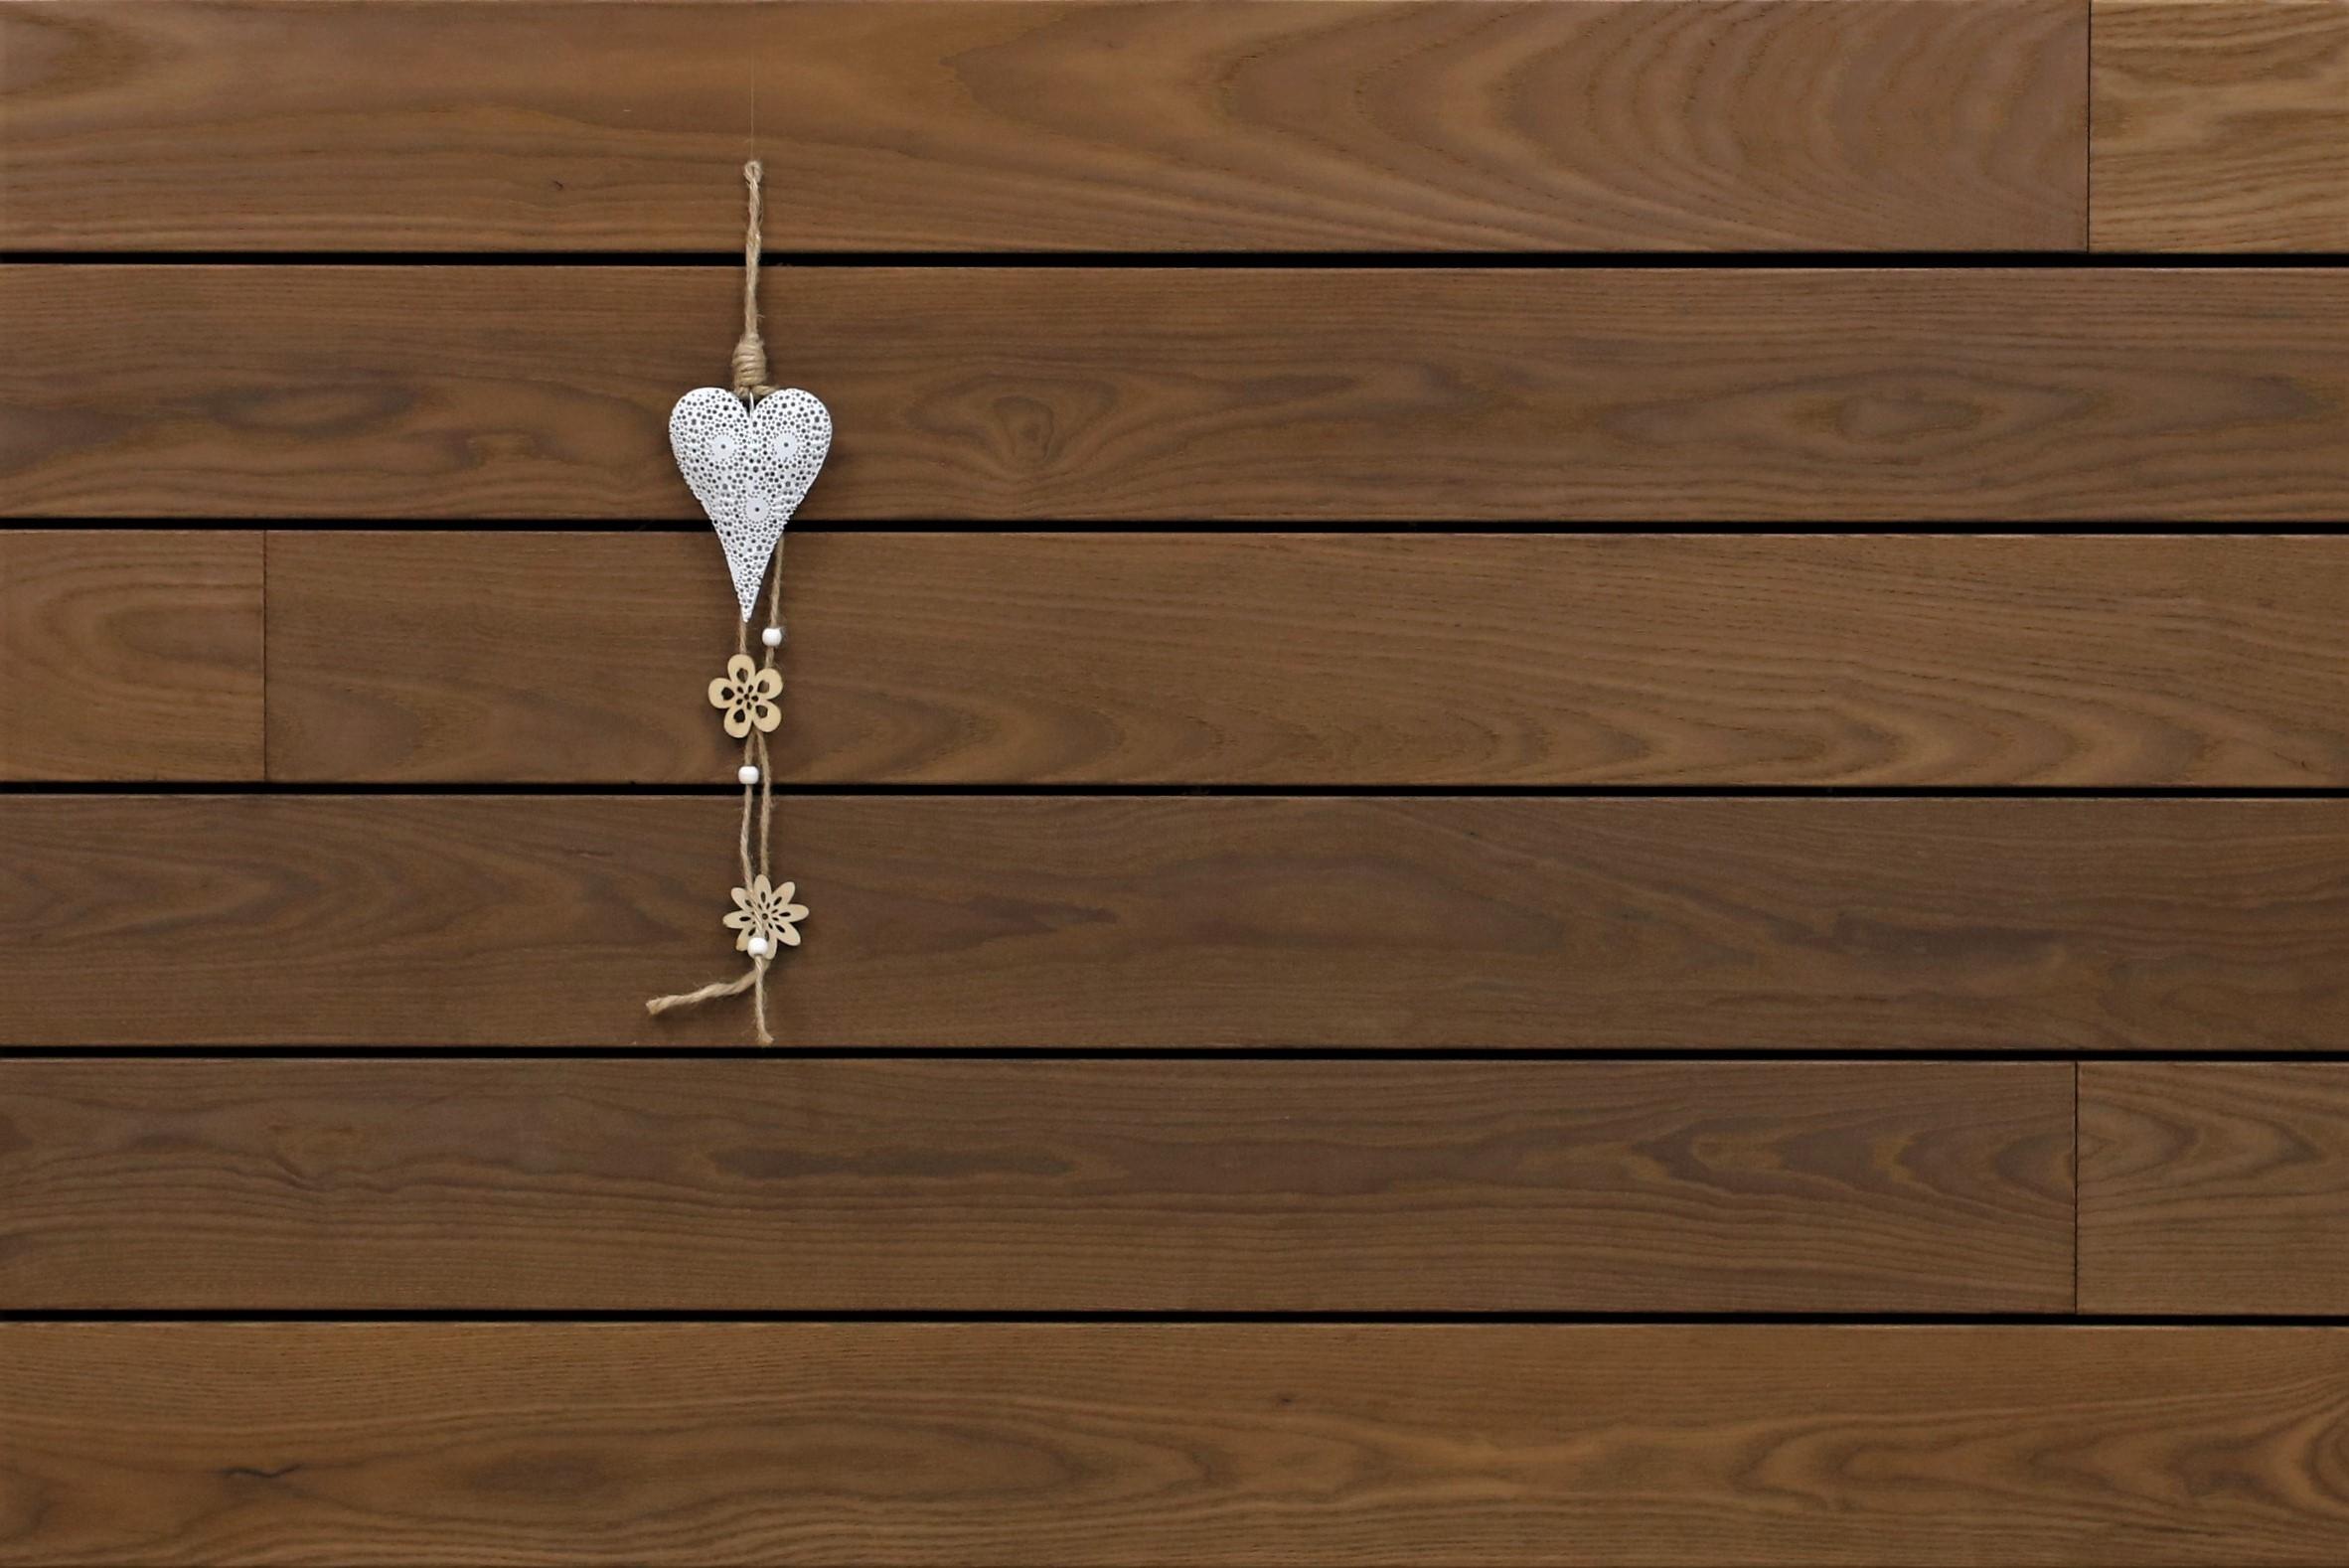 Holzterrasse Thermoesche, glatt, stirnseitig Nut / Feder Verbindung, 21 x 130 von 1800 bis 3000 mm Dielen, Premium (KD) Holz Bretter für die Terrasse, 10,95 €/lfm